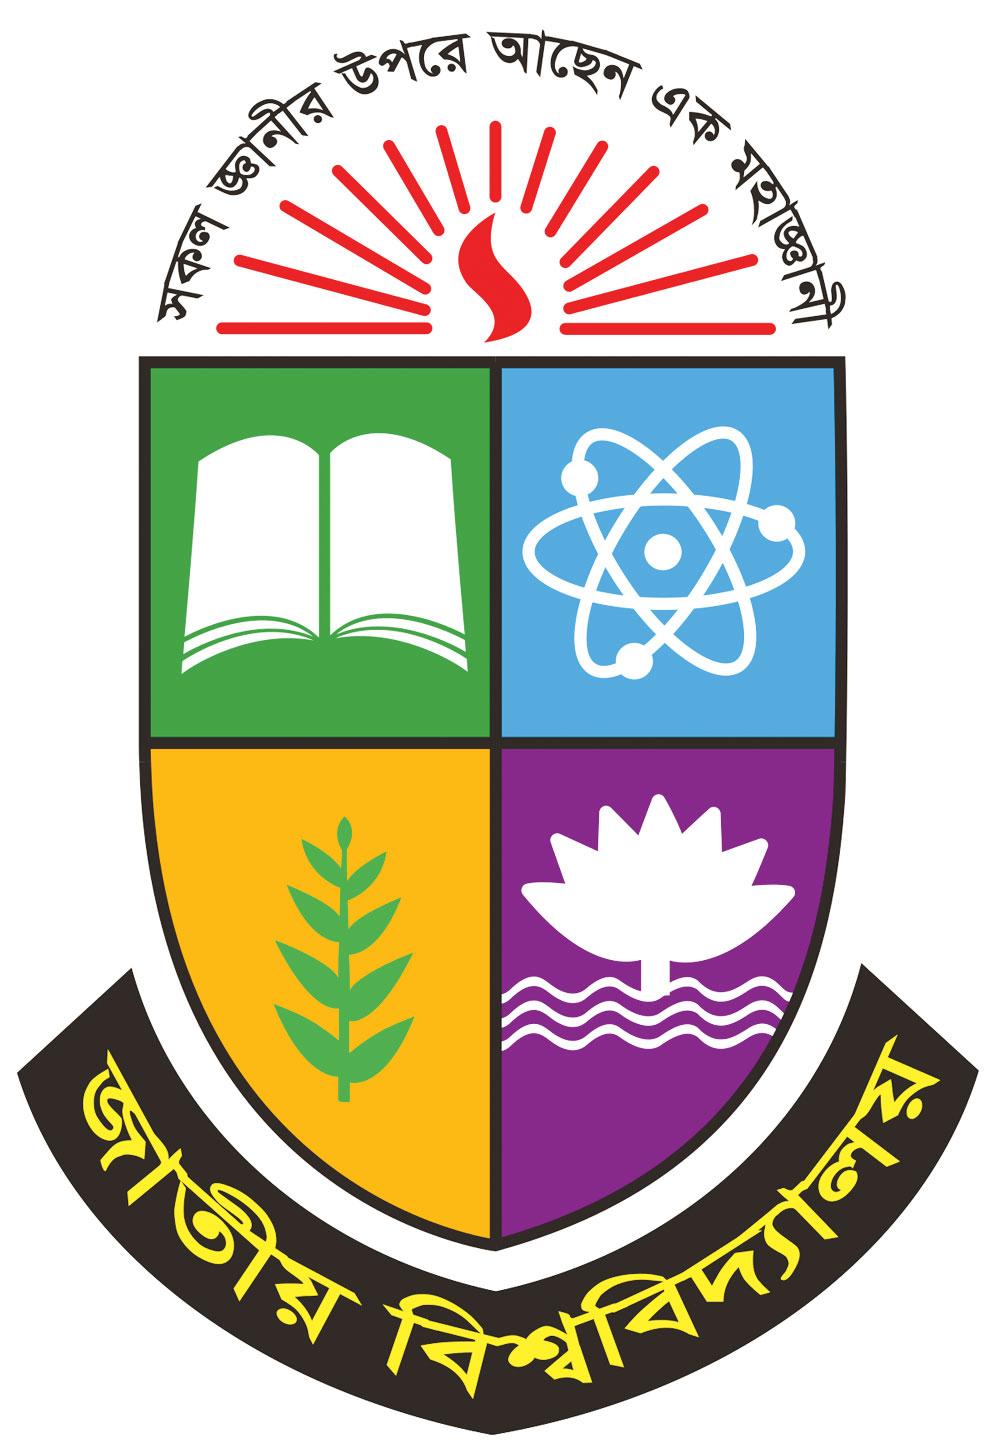 সময়োপযোগী পাঠ্যক্রম প্রণয়ন করবে জাতীয় বিশ্ববিদ্যালয়